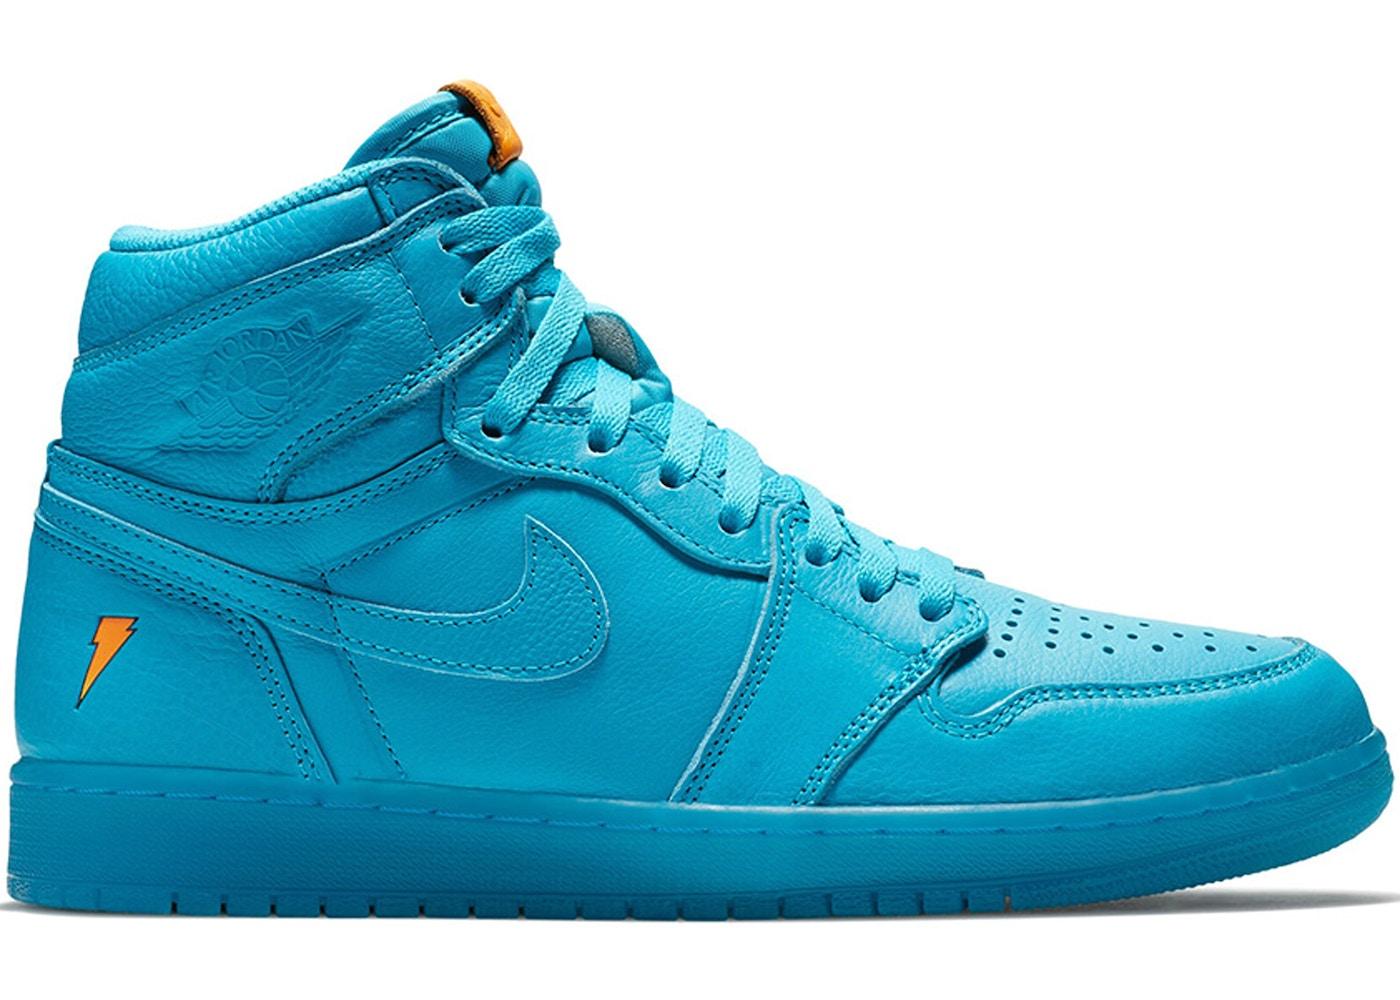 Nike Air Jordans - Gatorade - Blue Lagoon - US SIZE 12